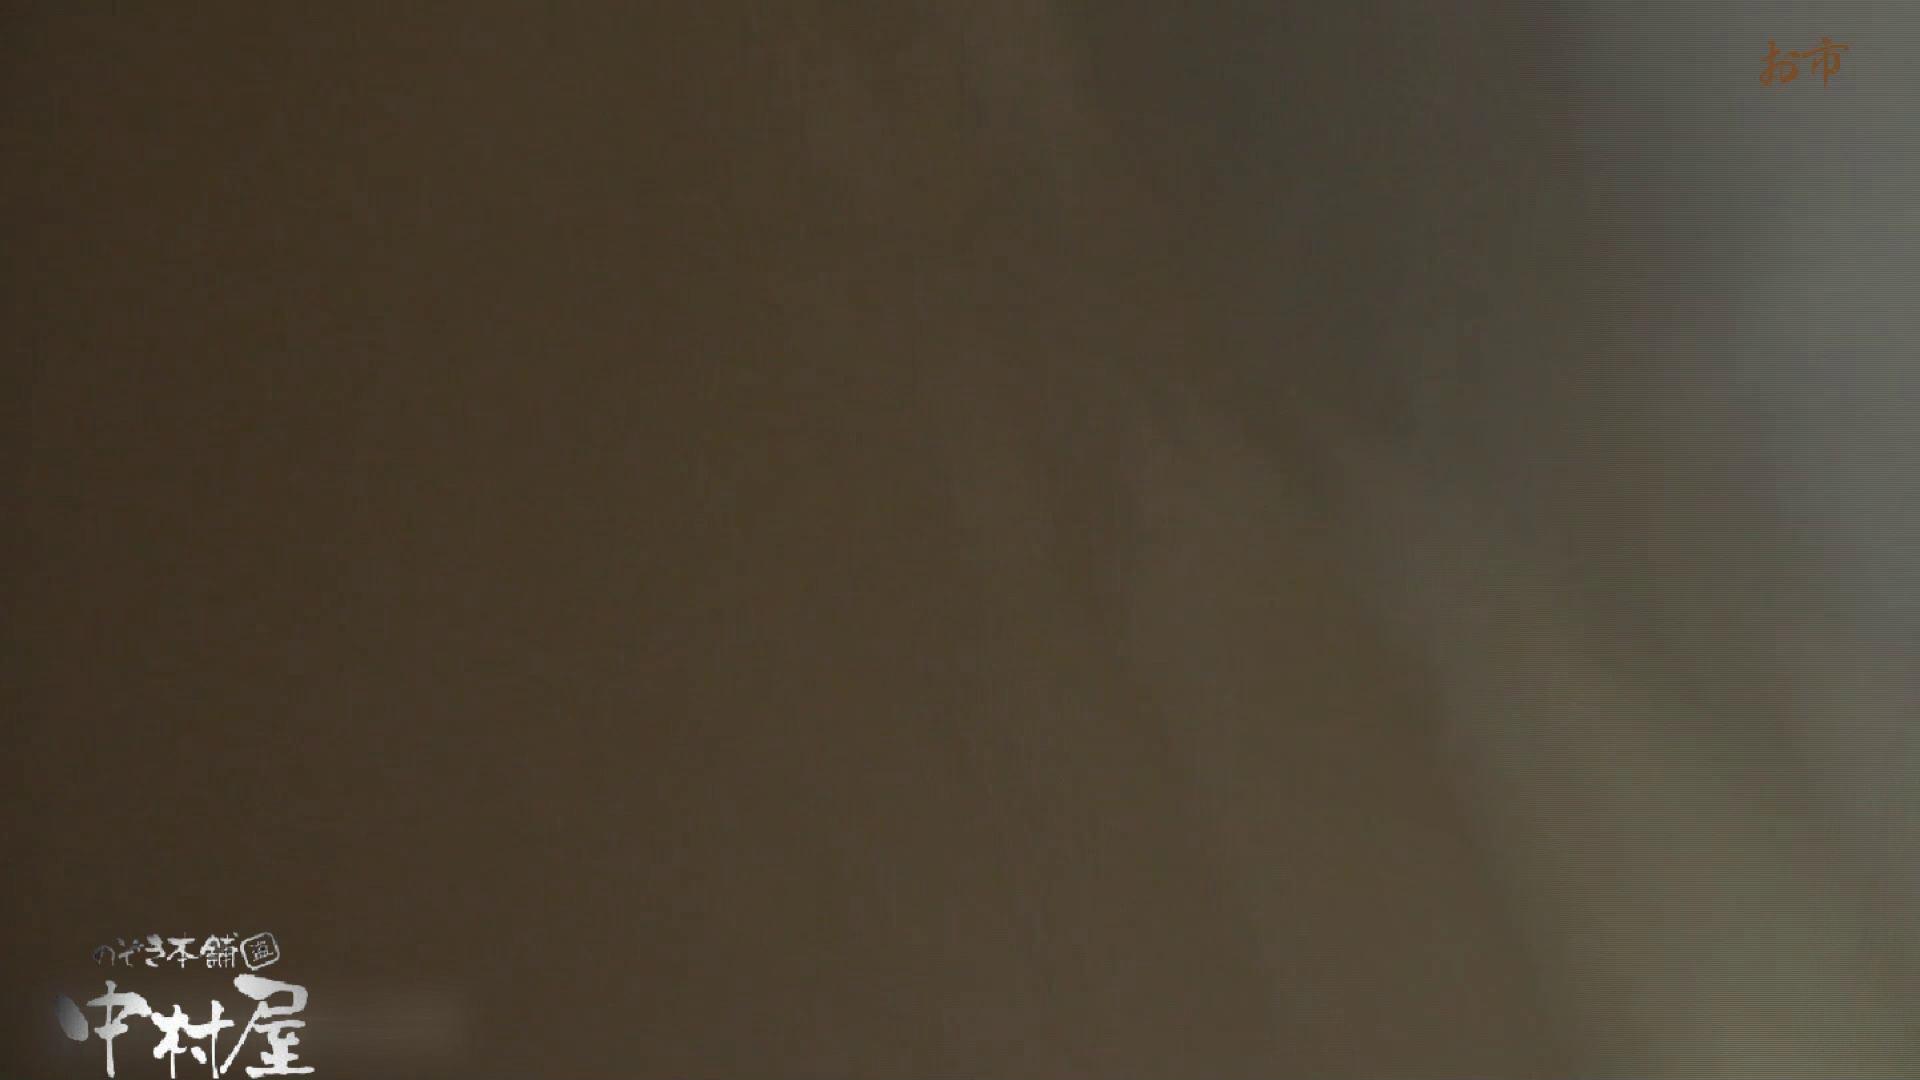 お市さんの「お尻丸出しジャンボリー」No.18 おまんこ見放題 | 盗撮シリーズ  99PIX 25